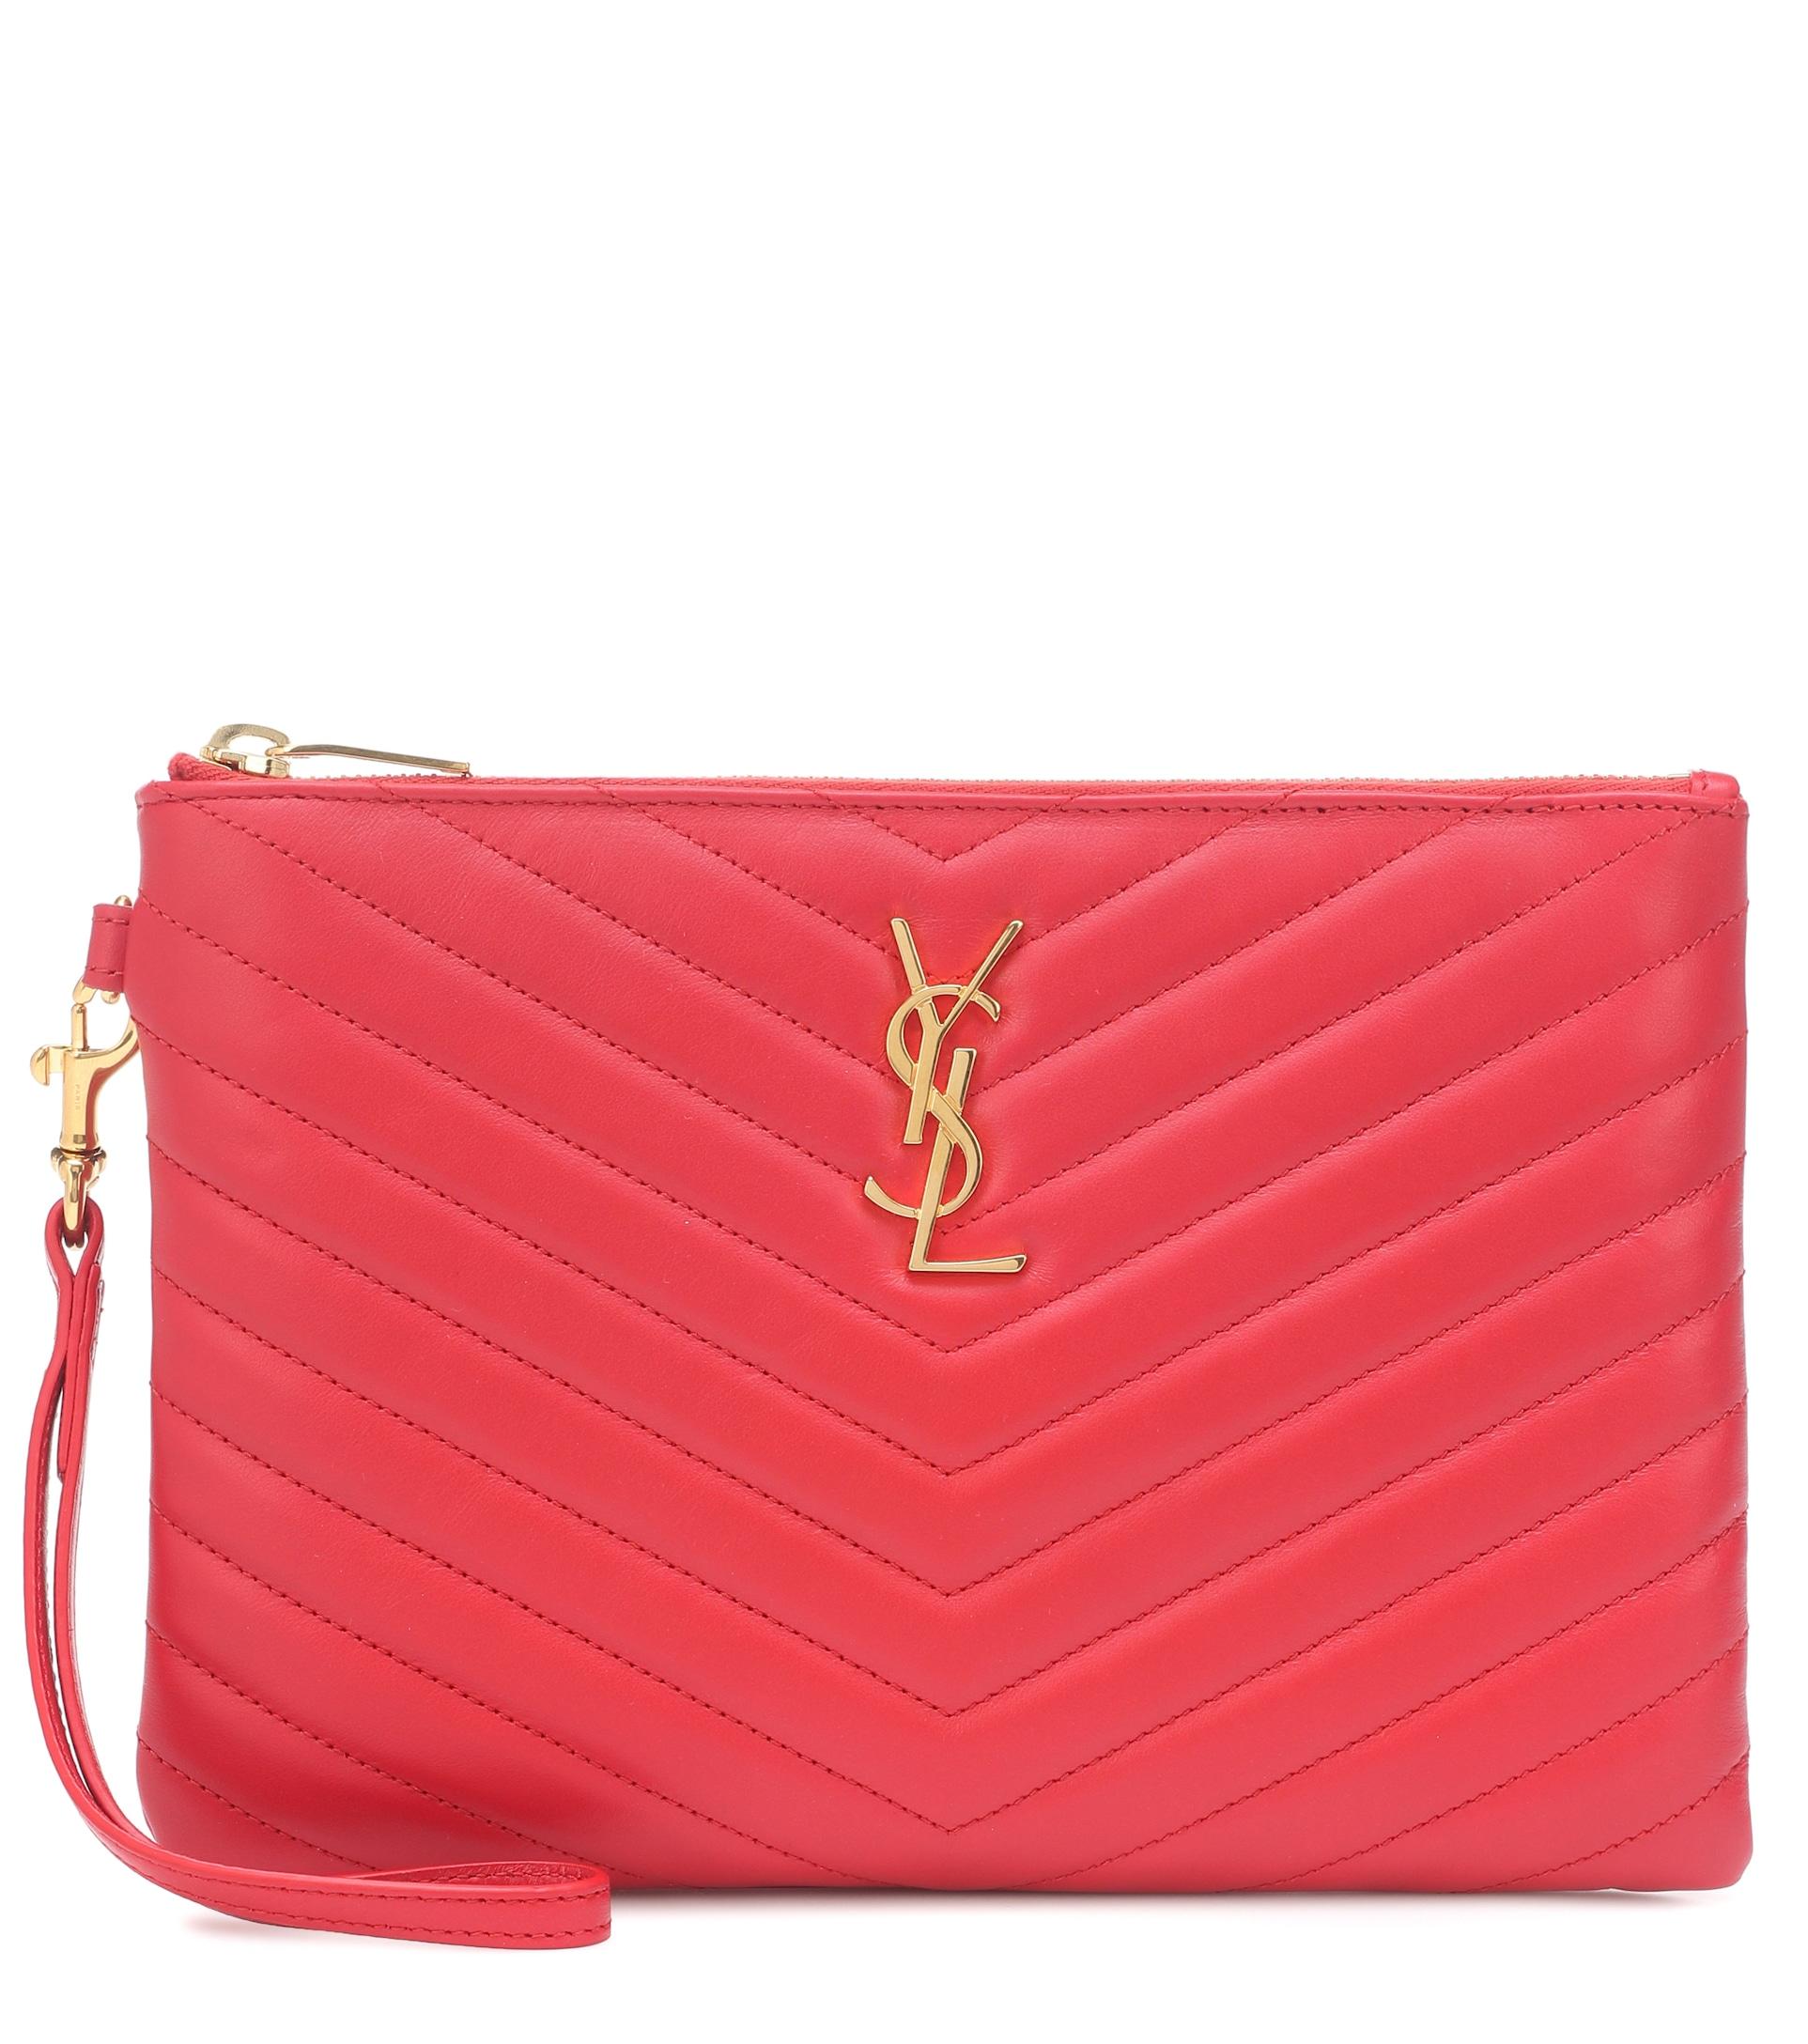 حقيبة يد كلاتش من Saint Laurent